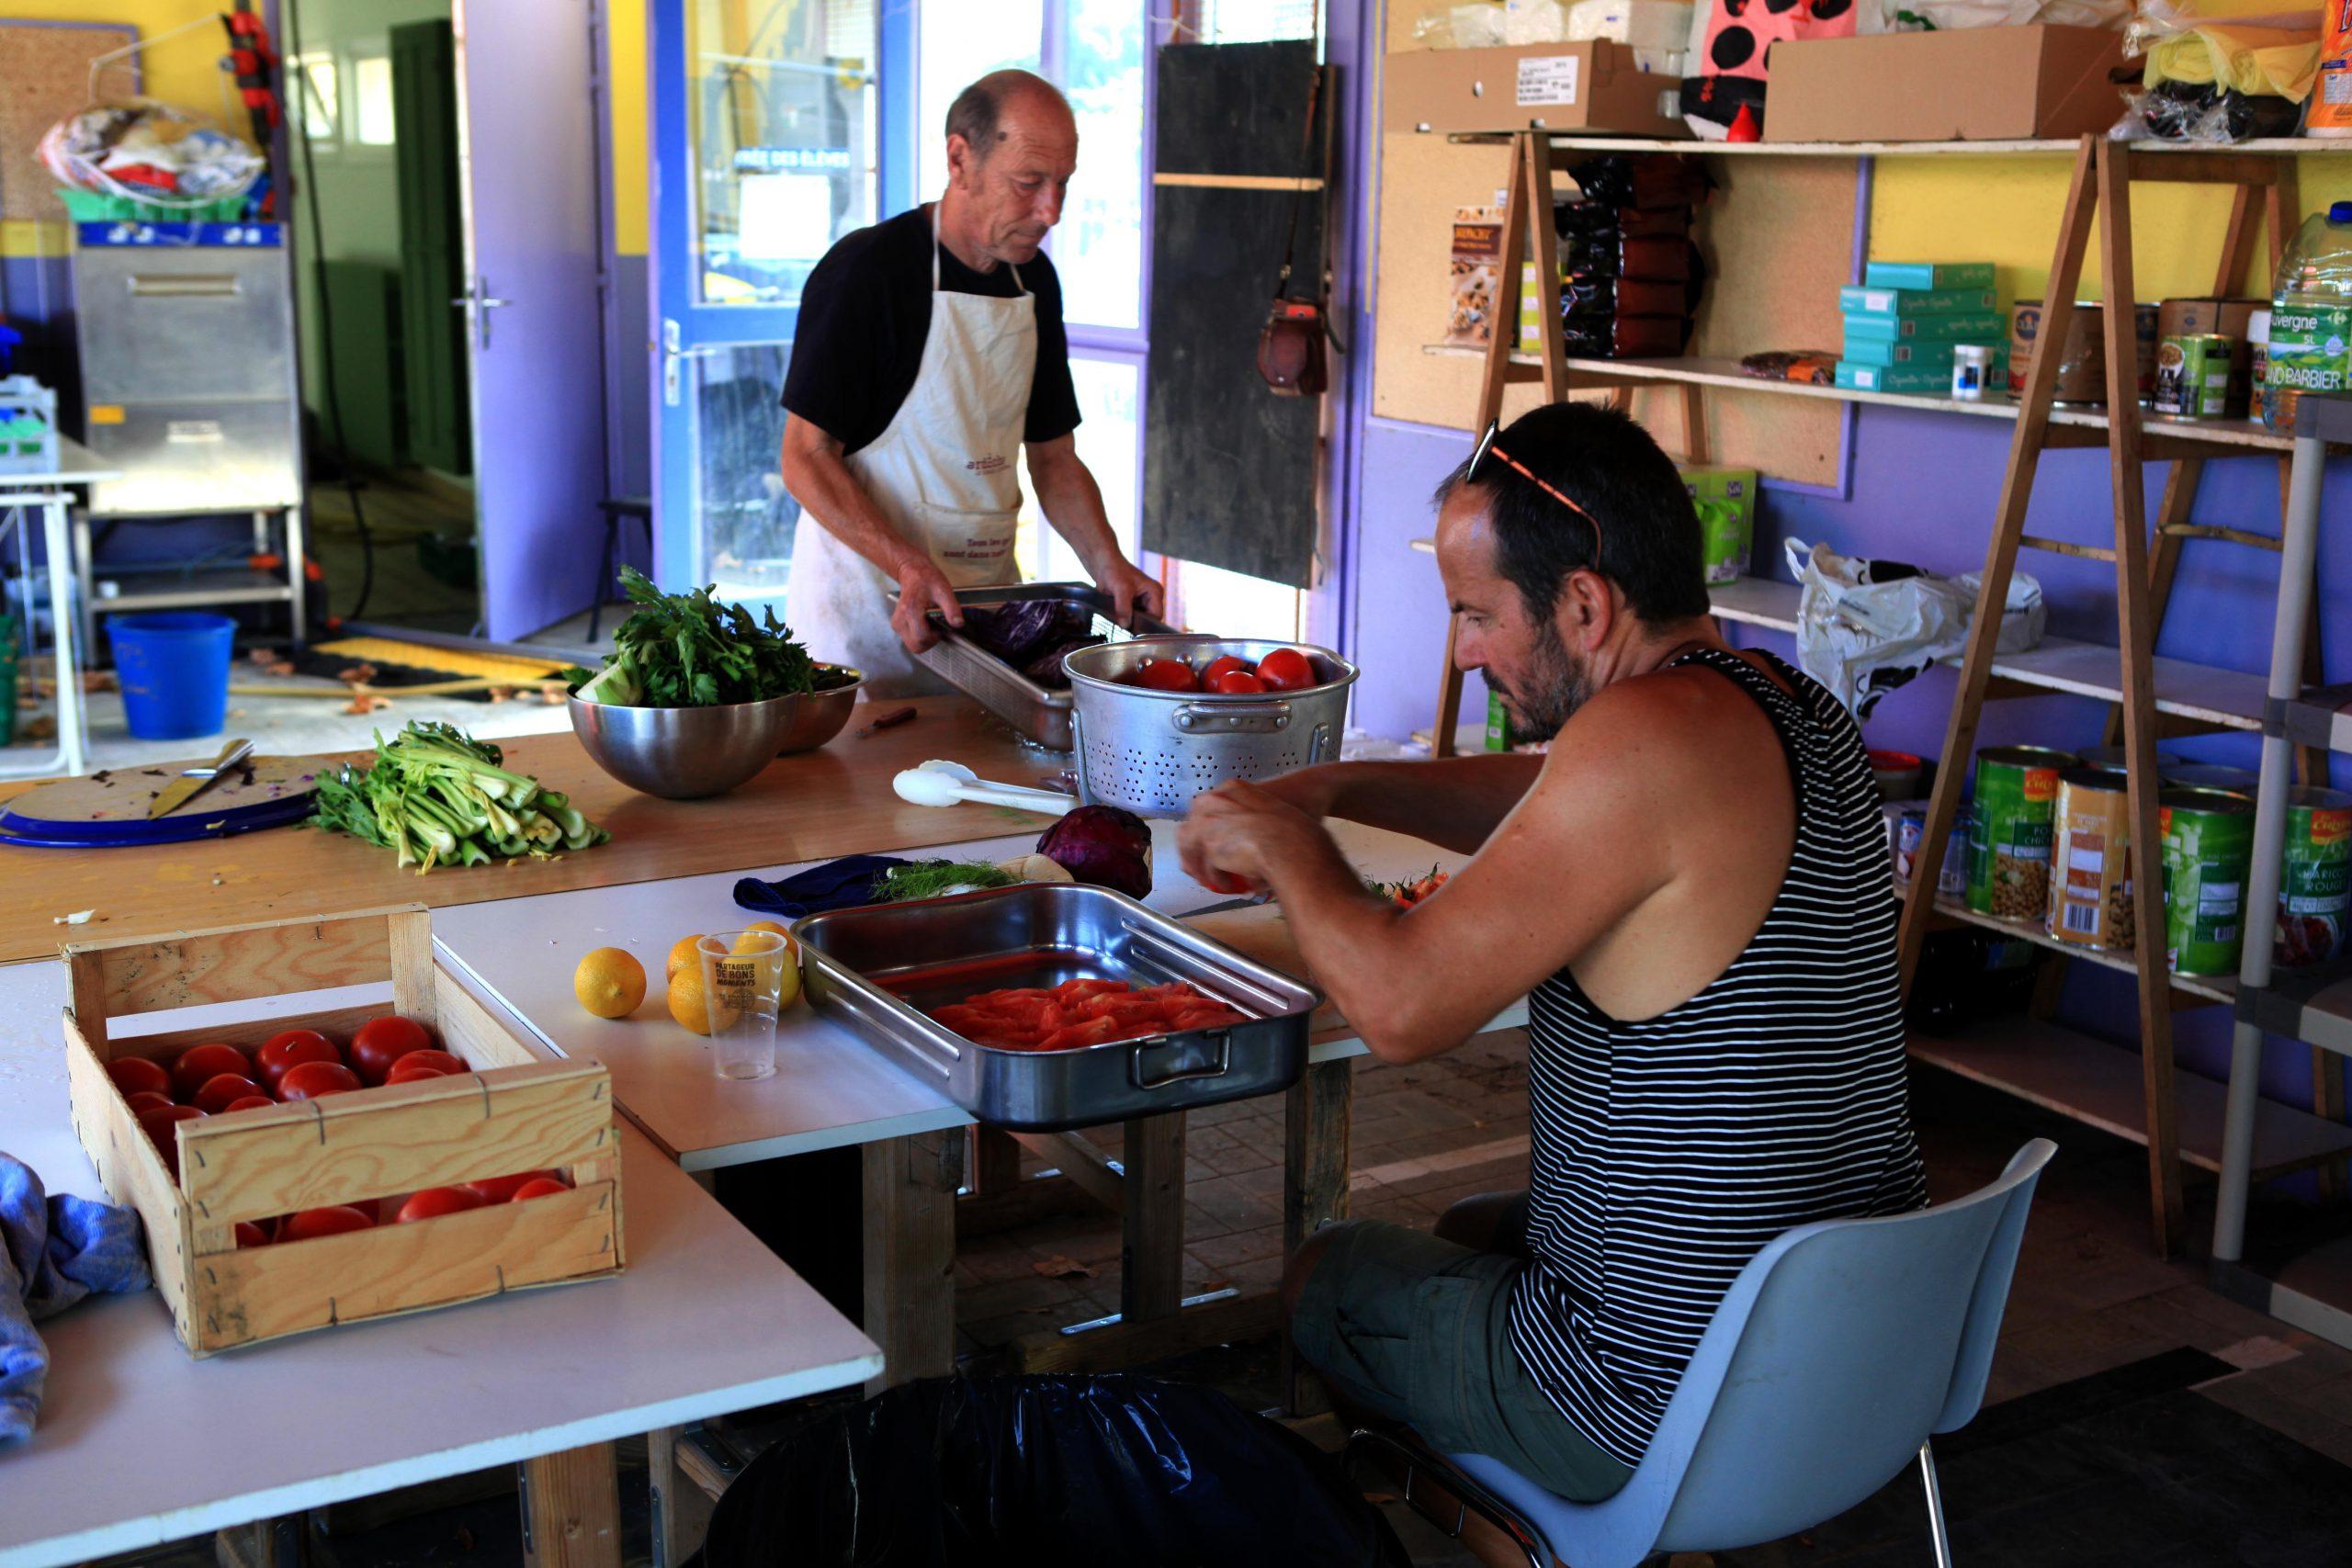 bénévole cuisine festival Dehors